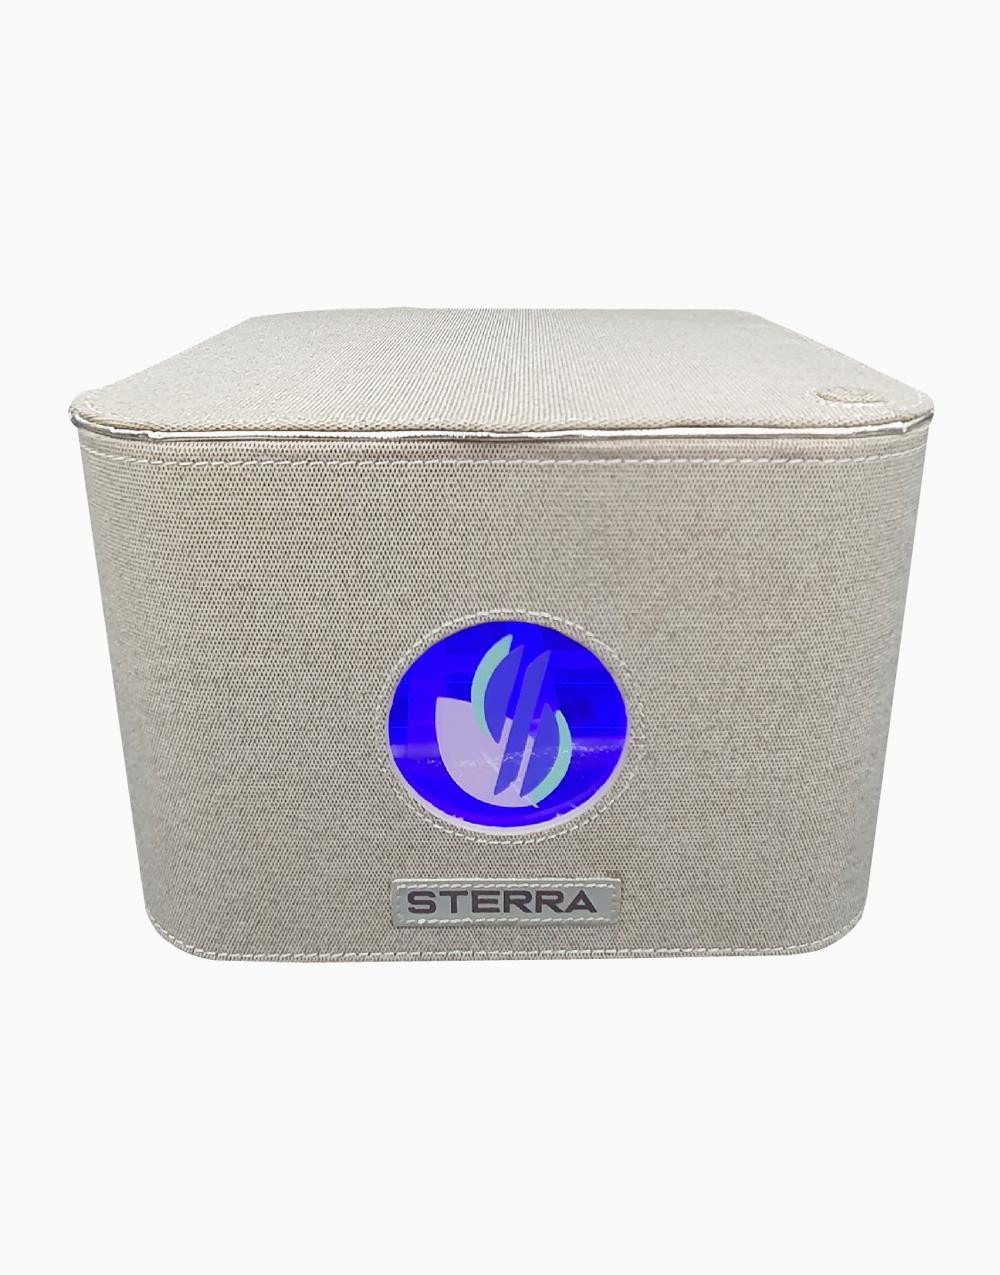 UV Box by STERRA